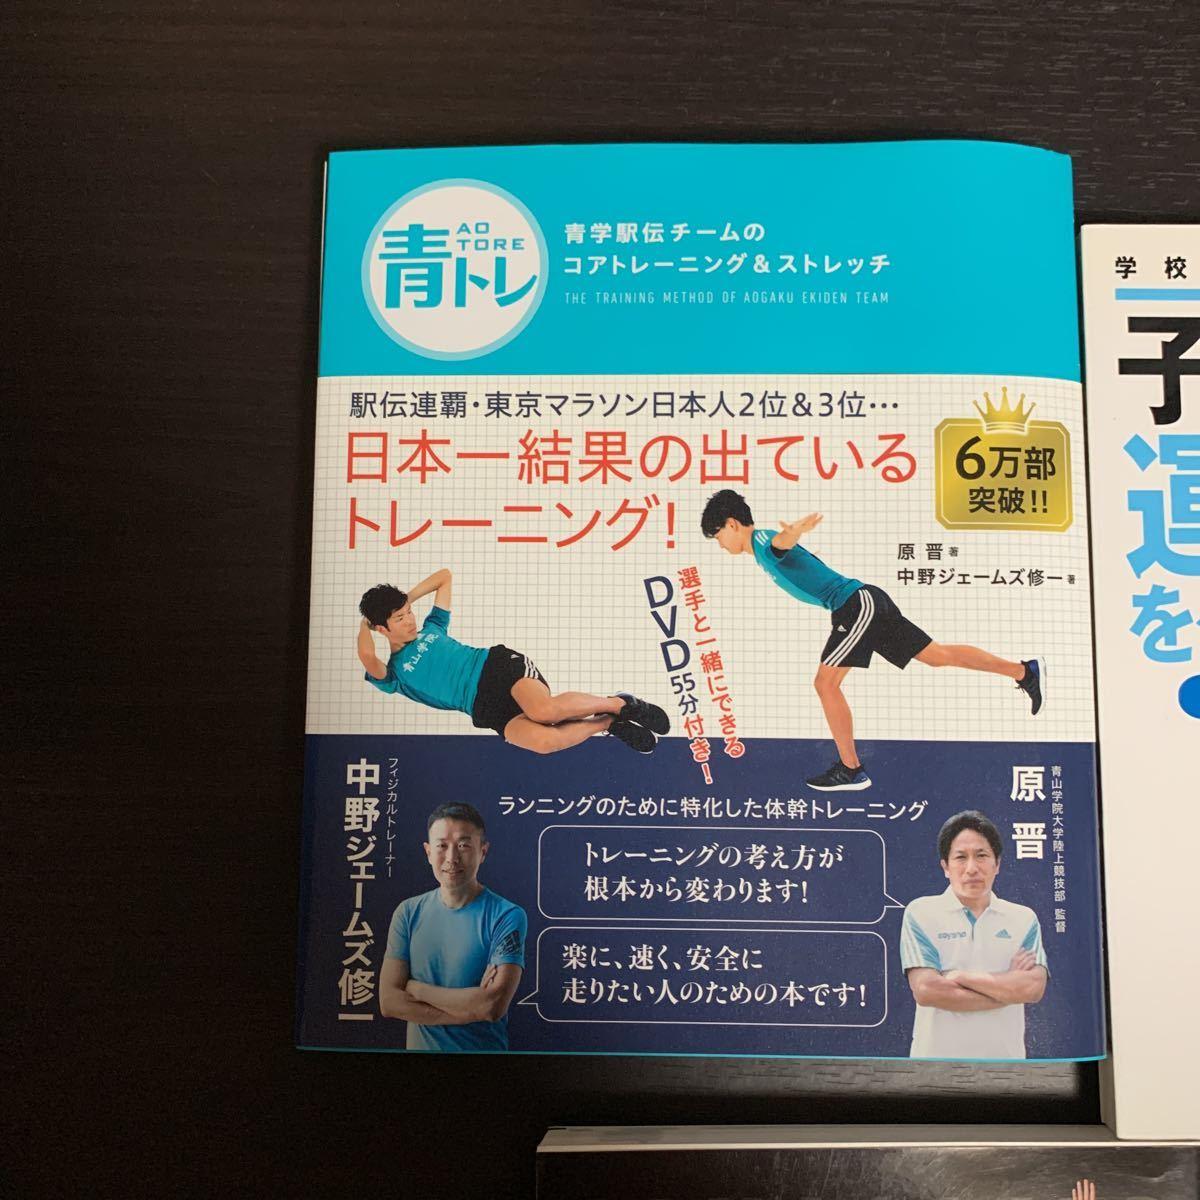 中野ジェームズ修一氏の本3冊 青トレ 動的ストレッチ 子供の運動神経をグングン伸ばす_画像2